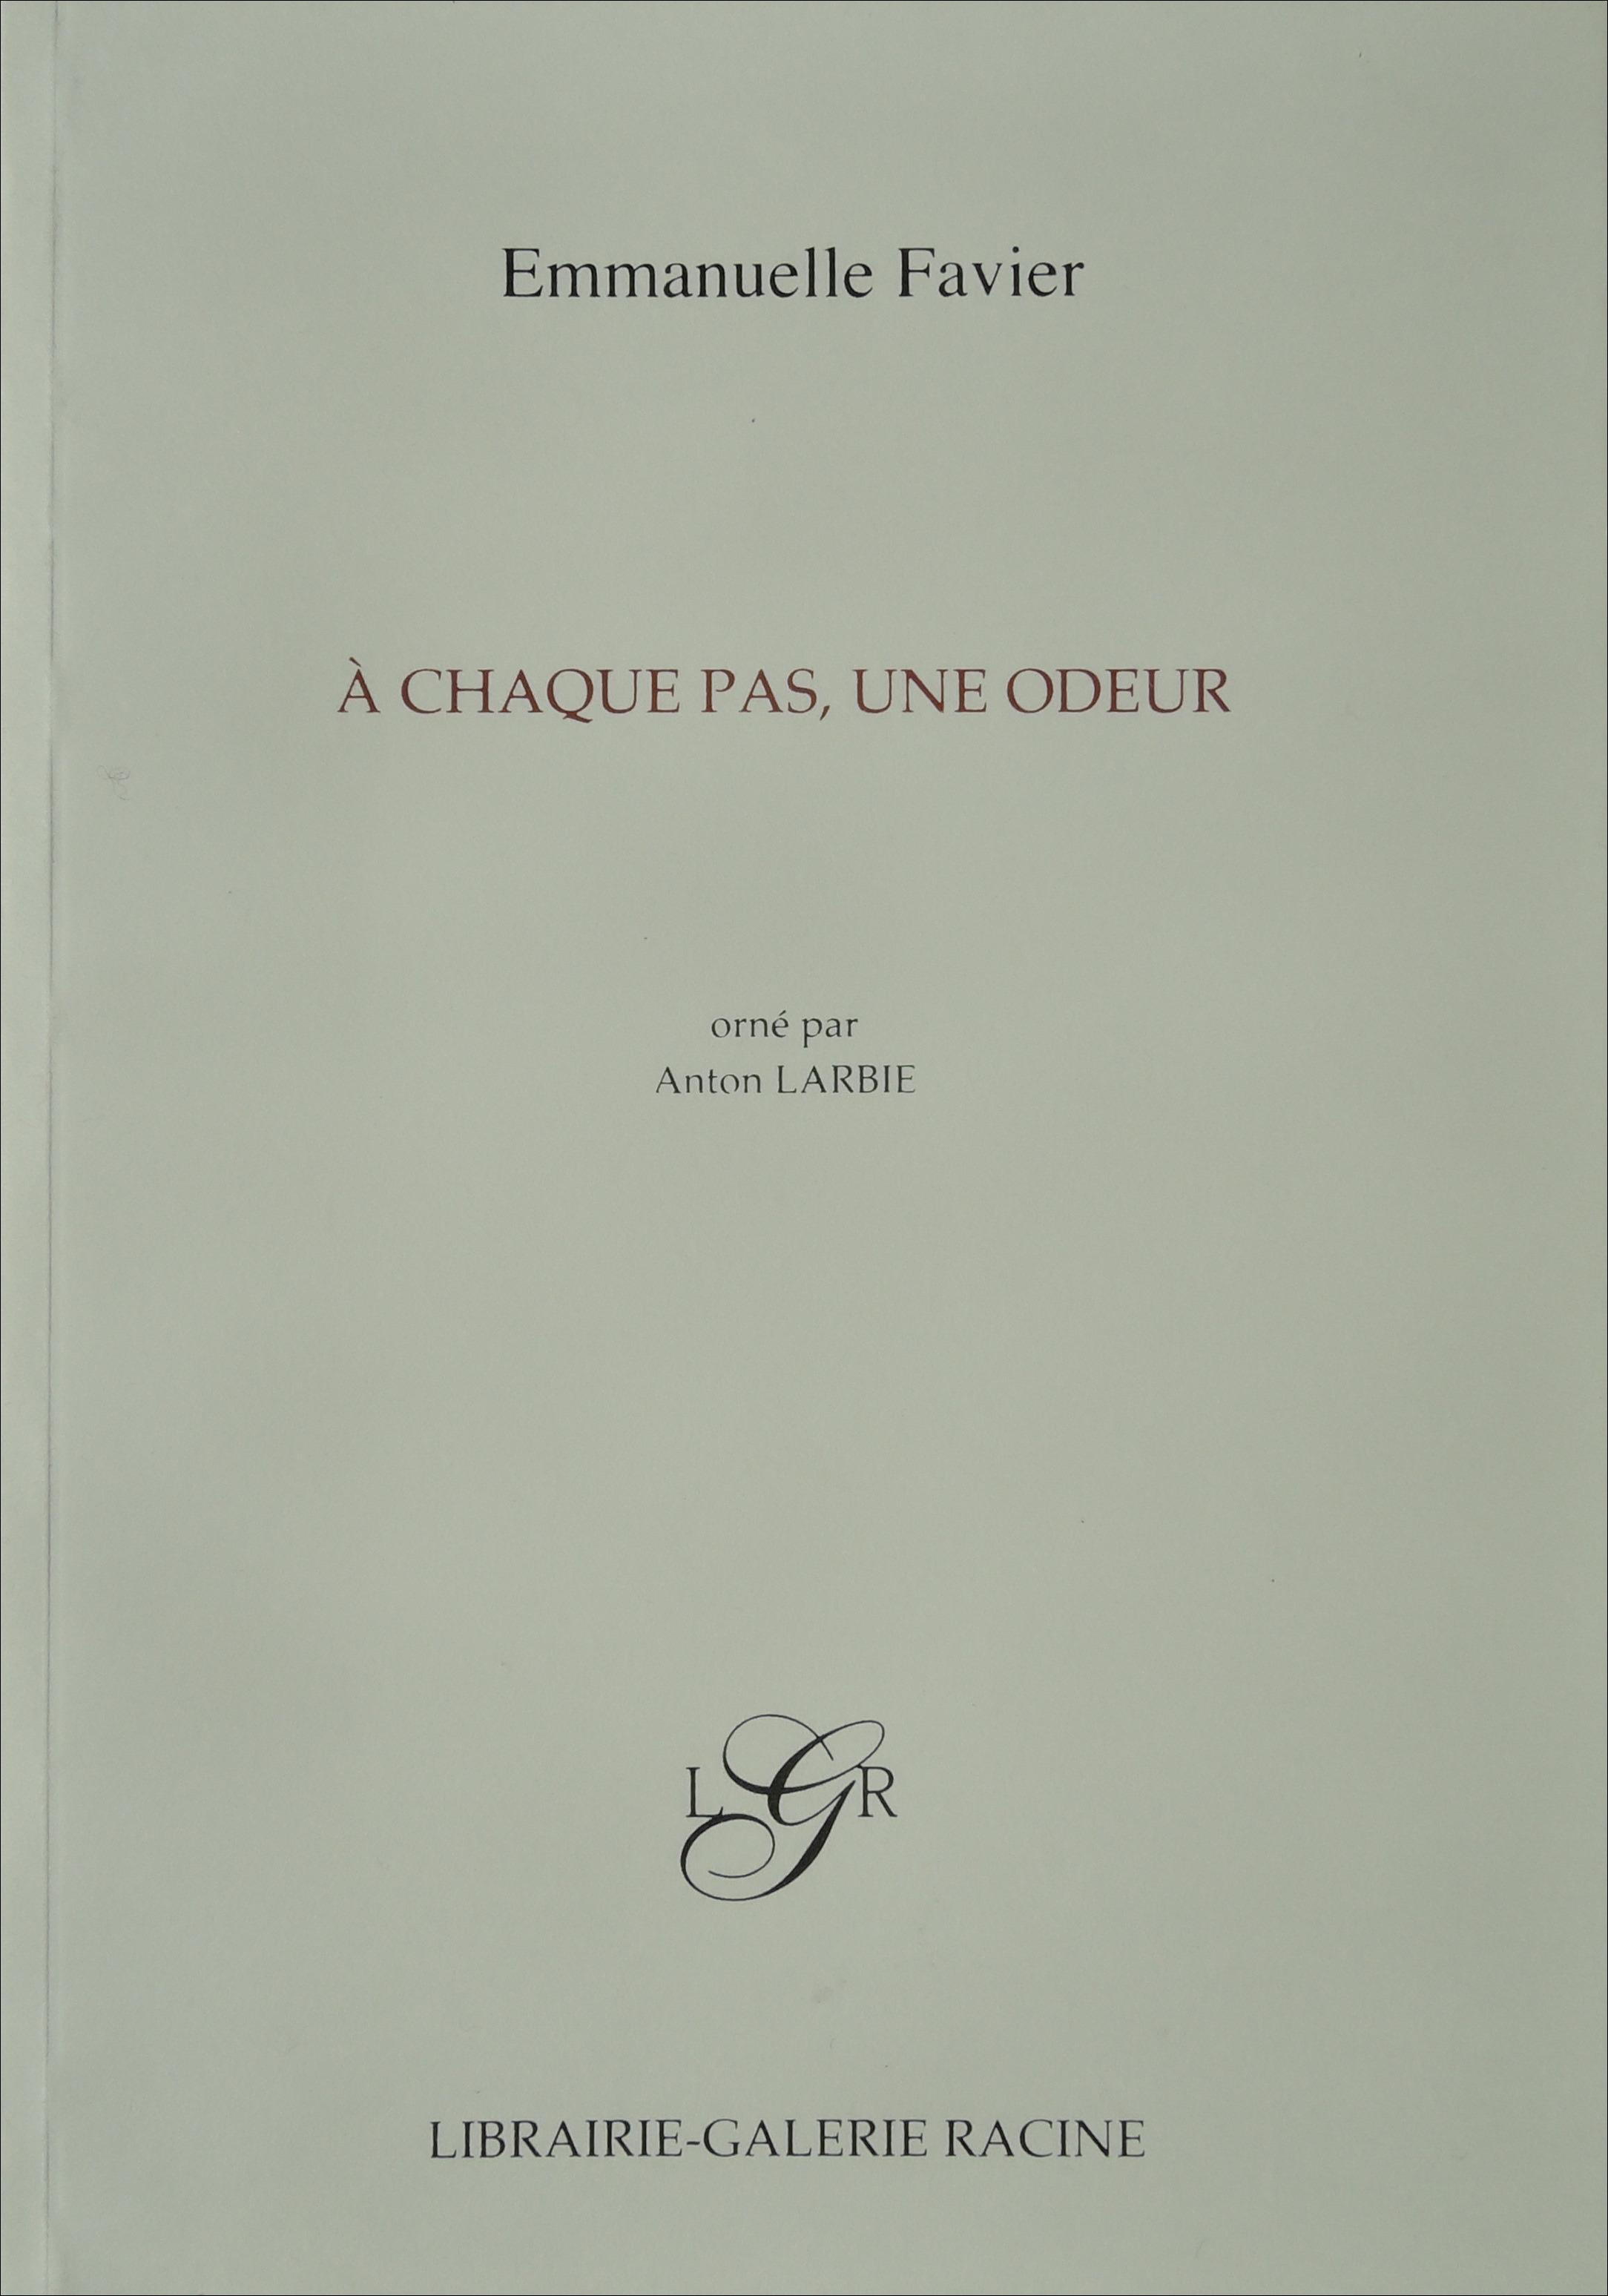 Emmanuelle Favier - A chaque pas, une odeur